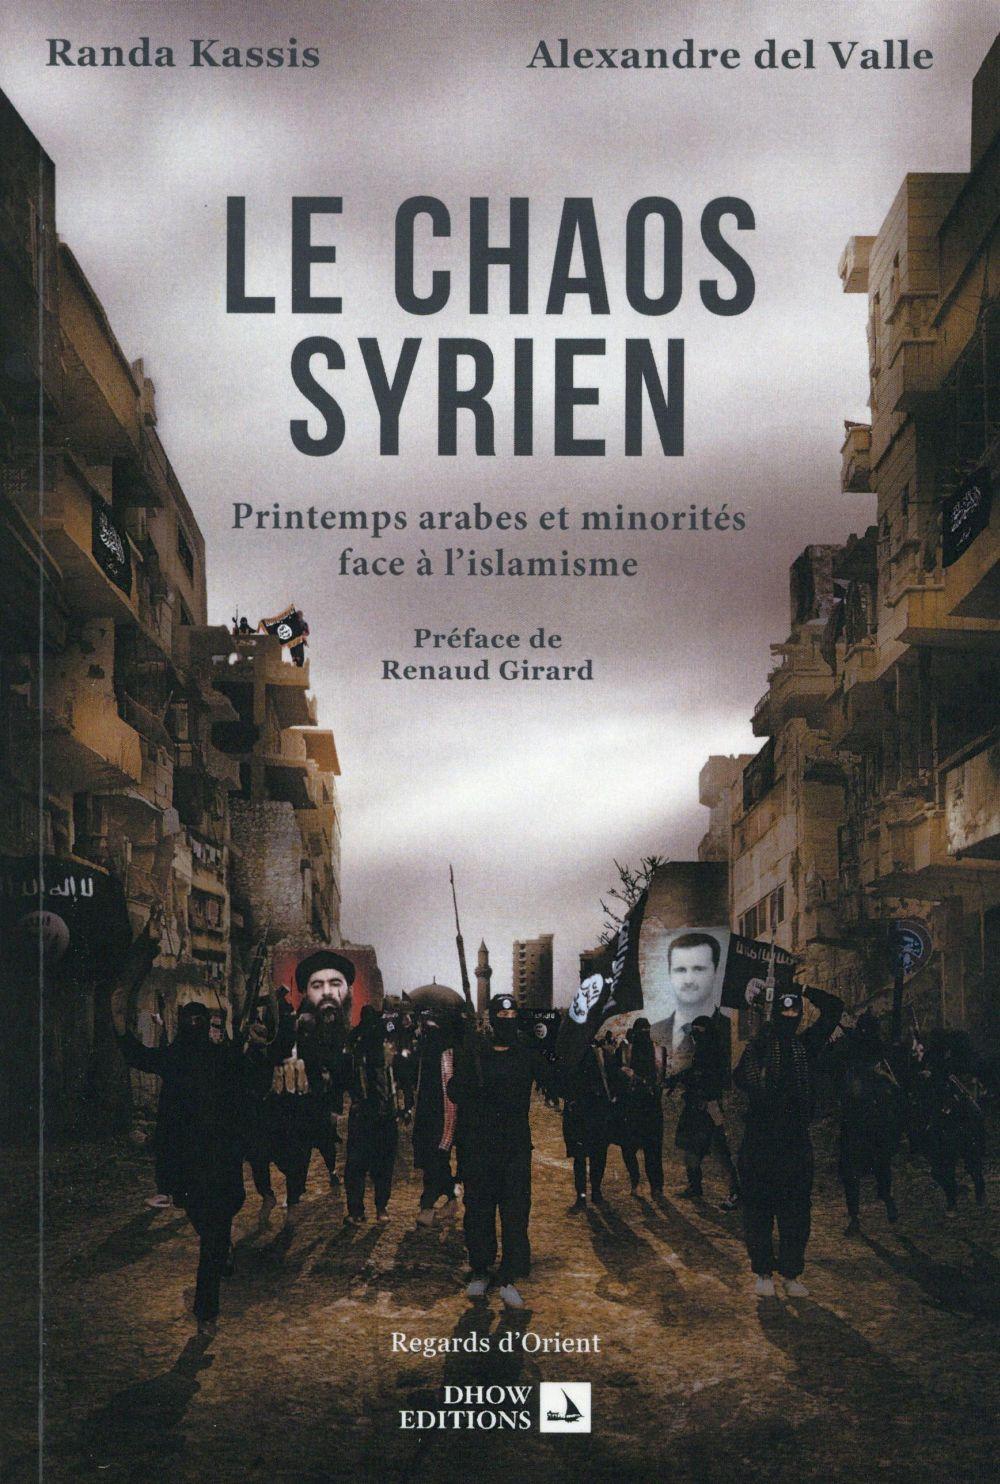 Le chaos syrien ; printemps arabes et minorités face à l'islamisme